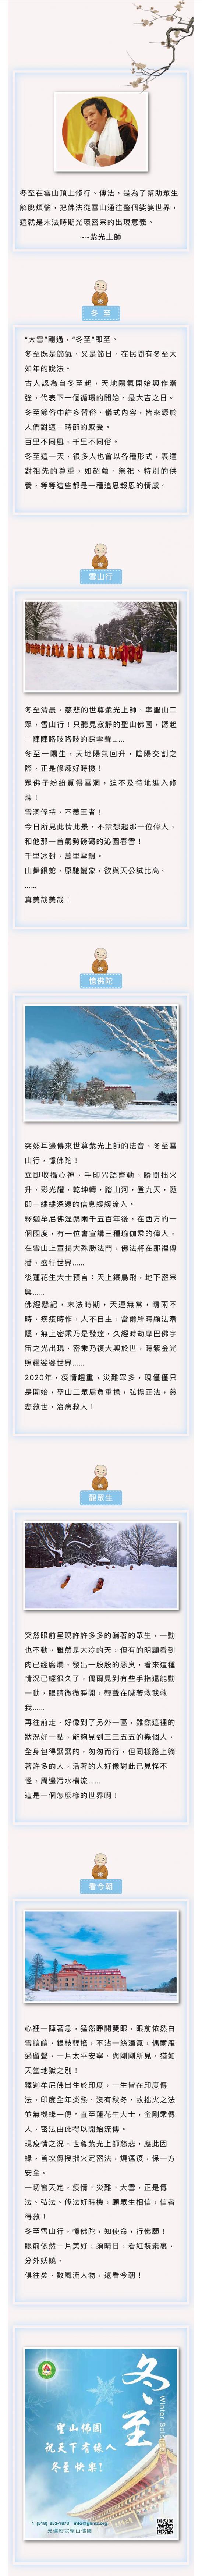 冬至阳生,雪山修行_图1-1